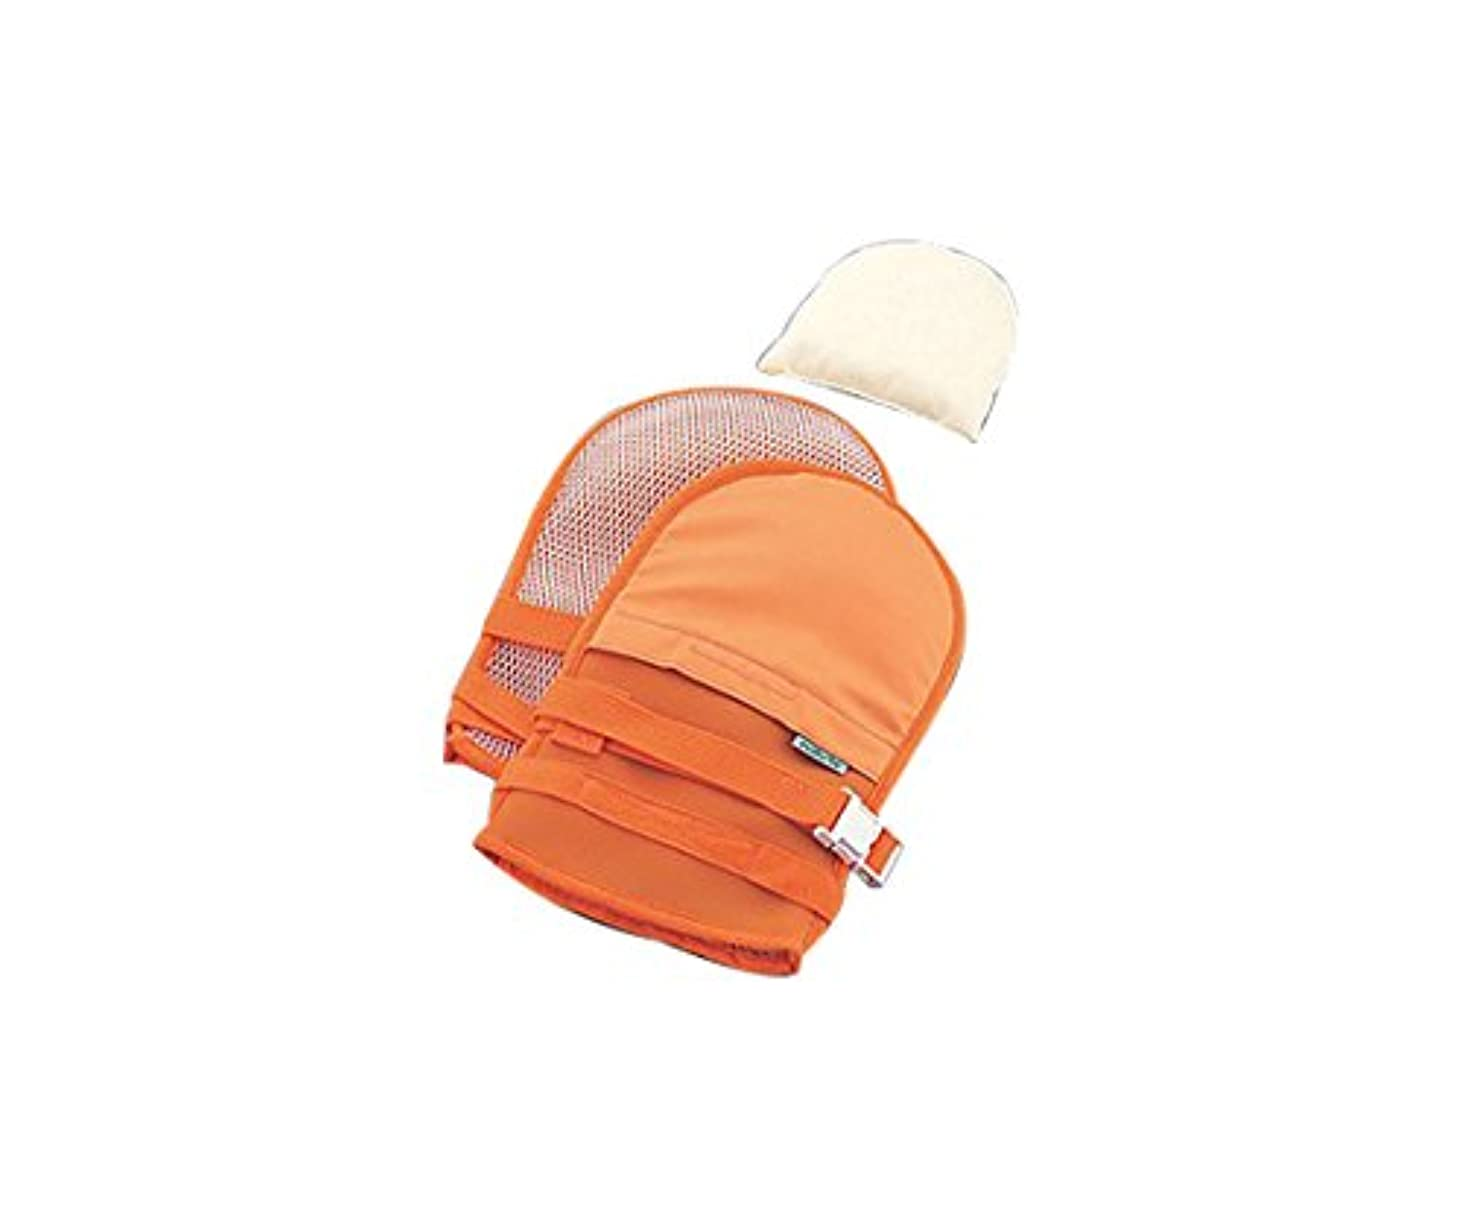 経由で花弁年金受給者ナビス(アズワン)0-1638-42抜管防止手袋中メッシュオレンジ